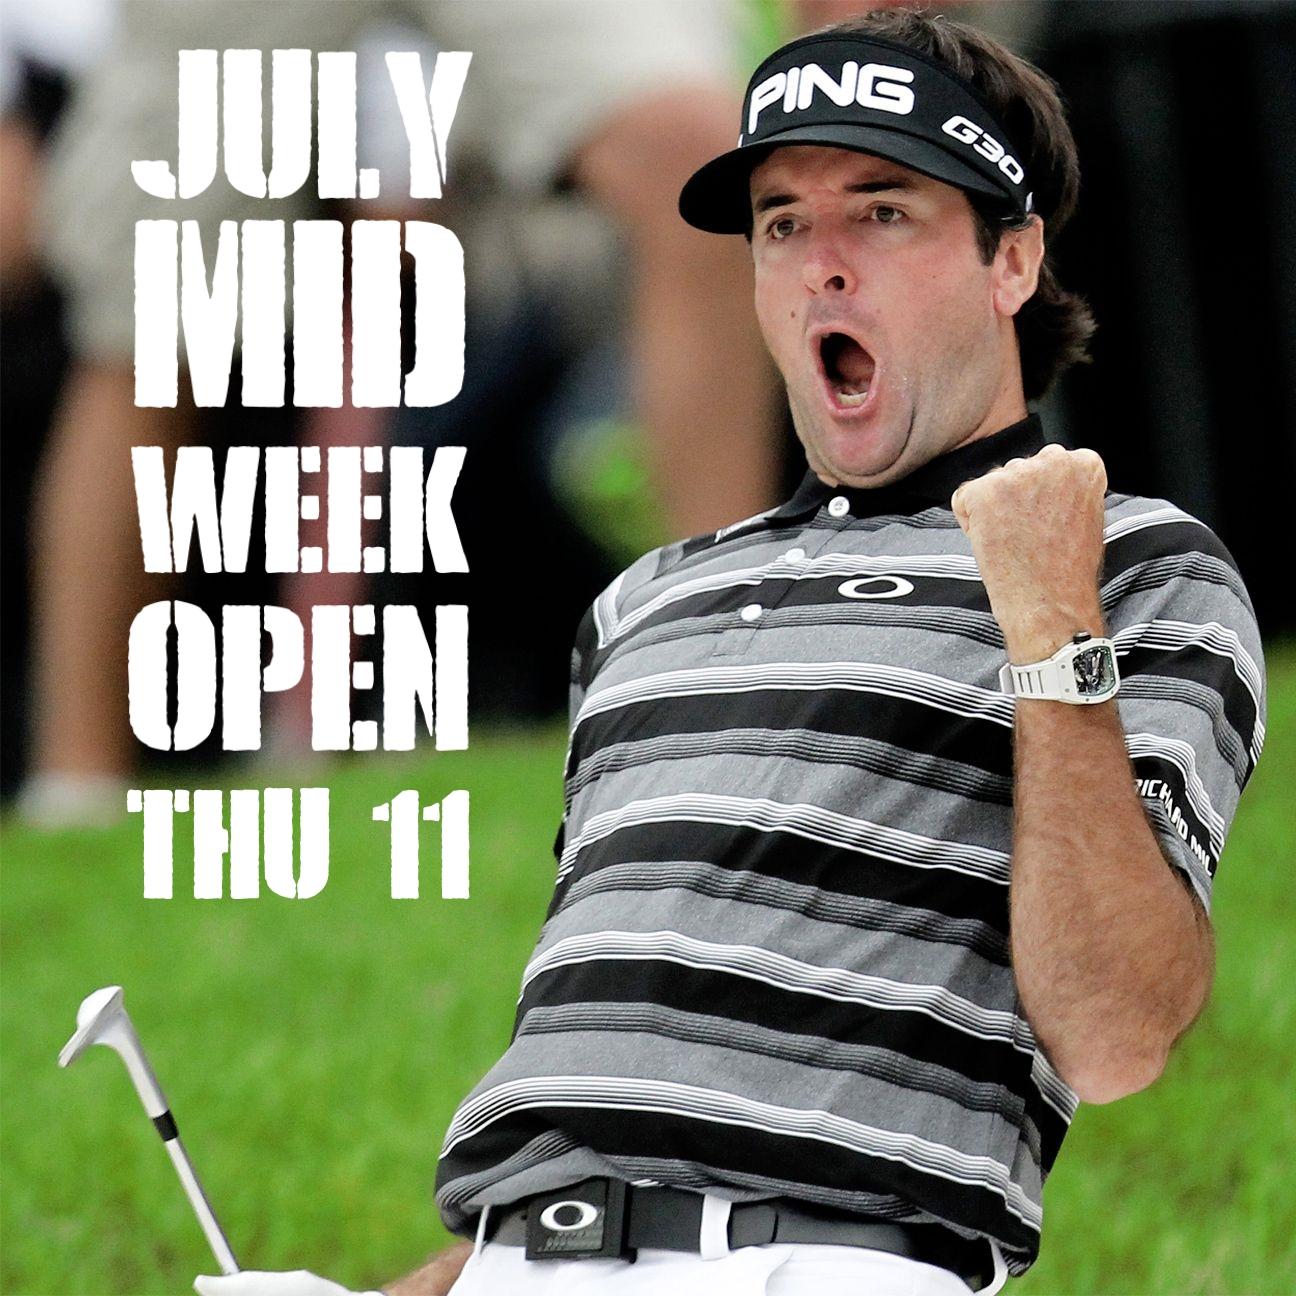 Mid Week Open.jpg